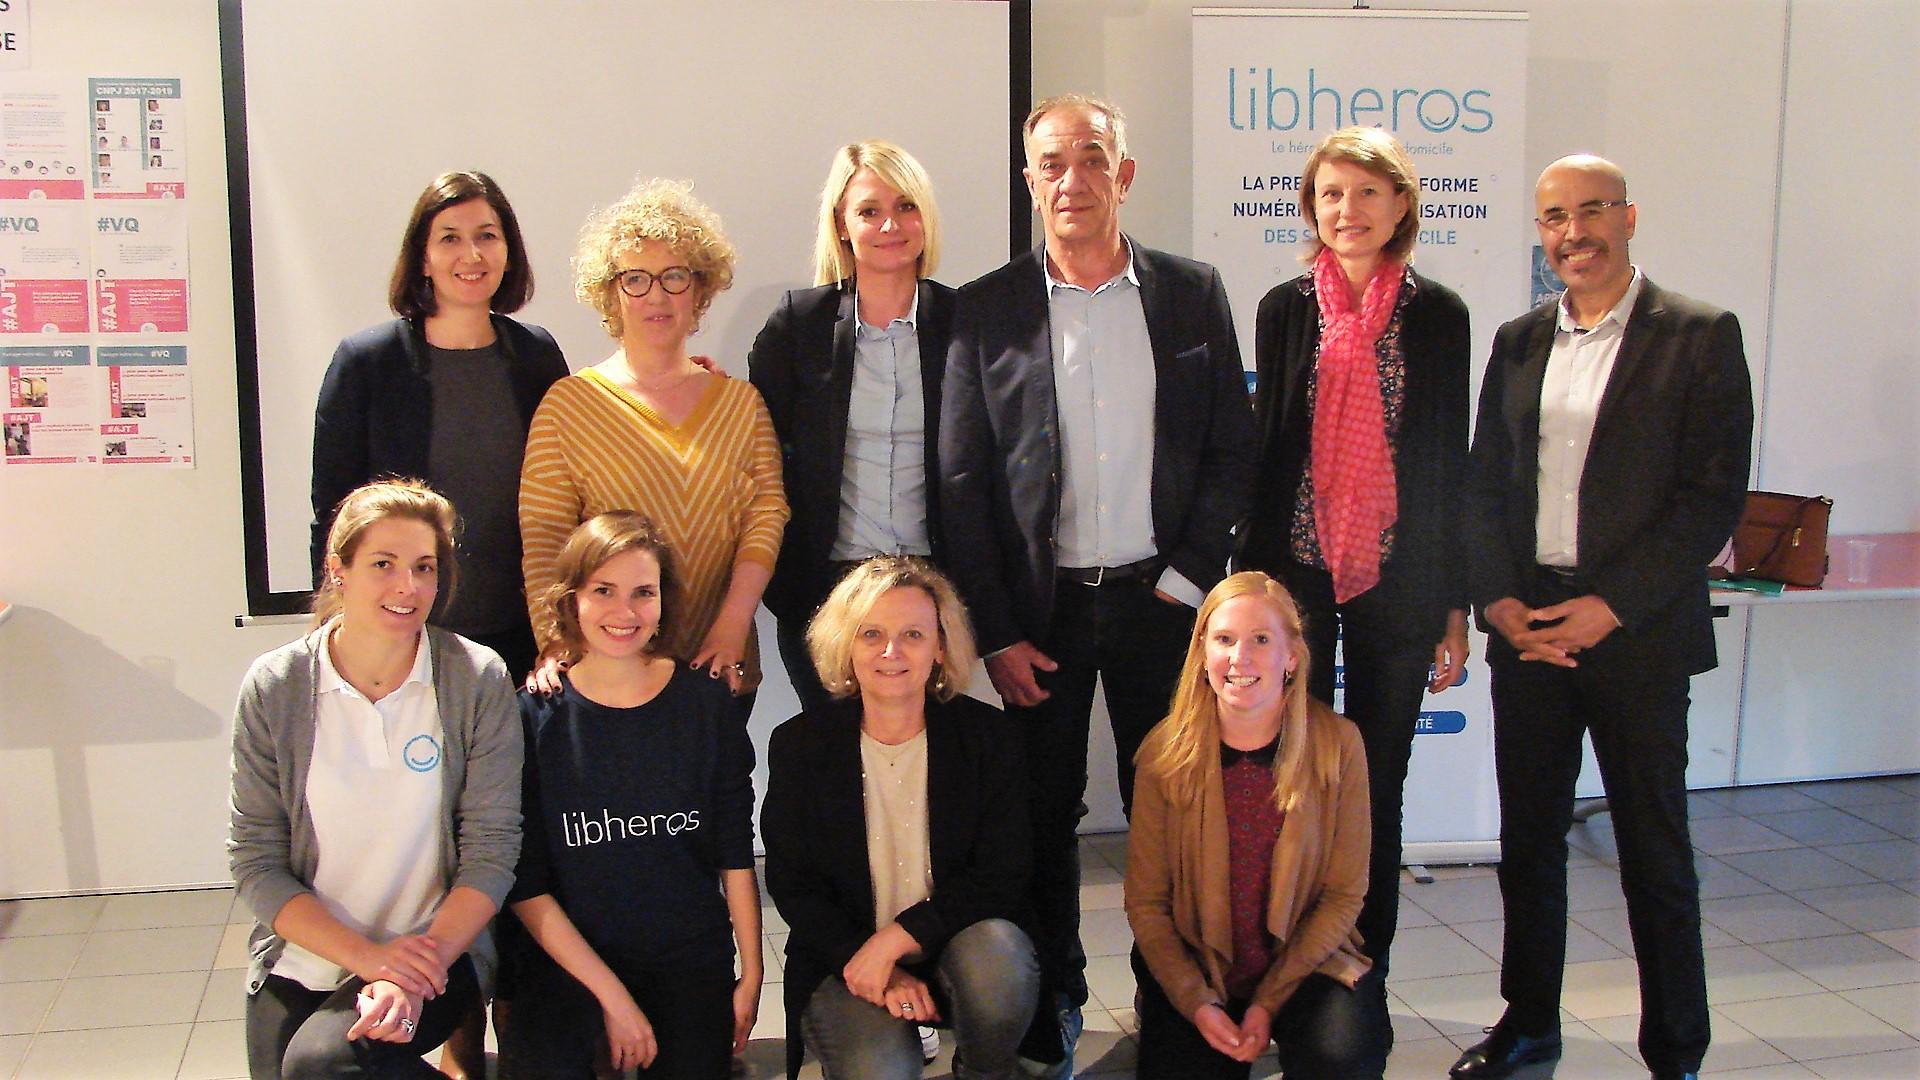 Rencontre EBB – L'épuisement professionnel chez les soignants